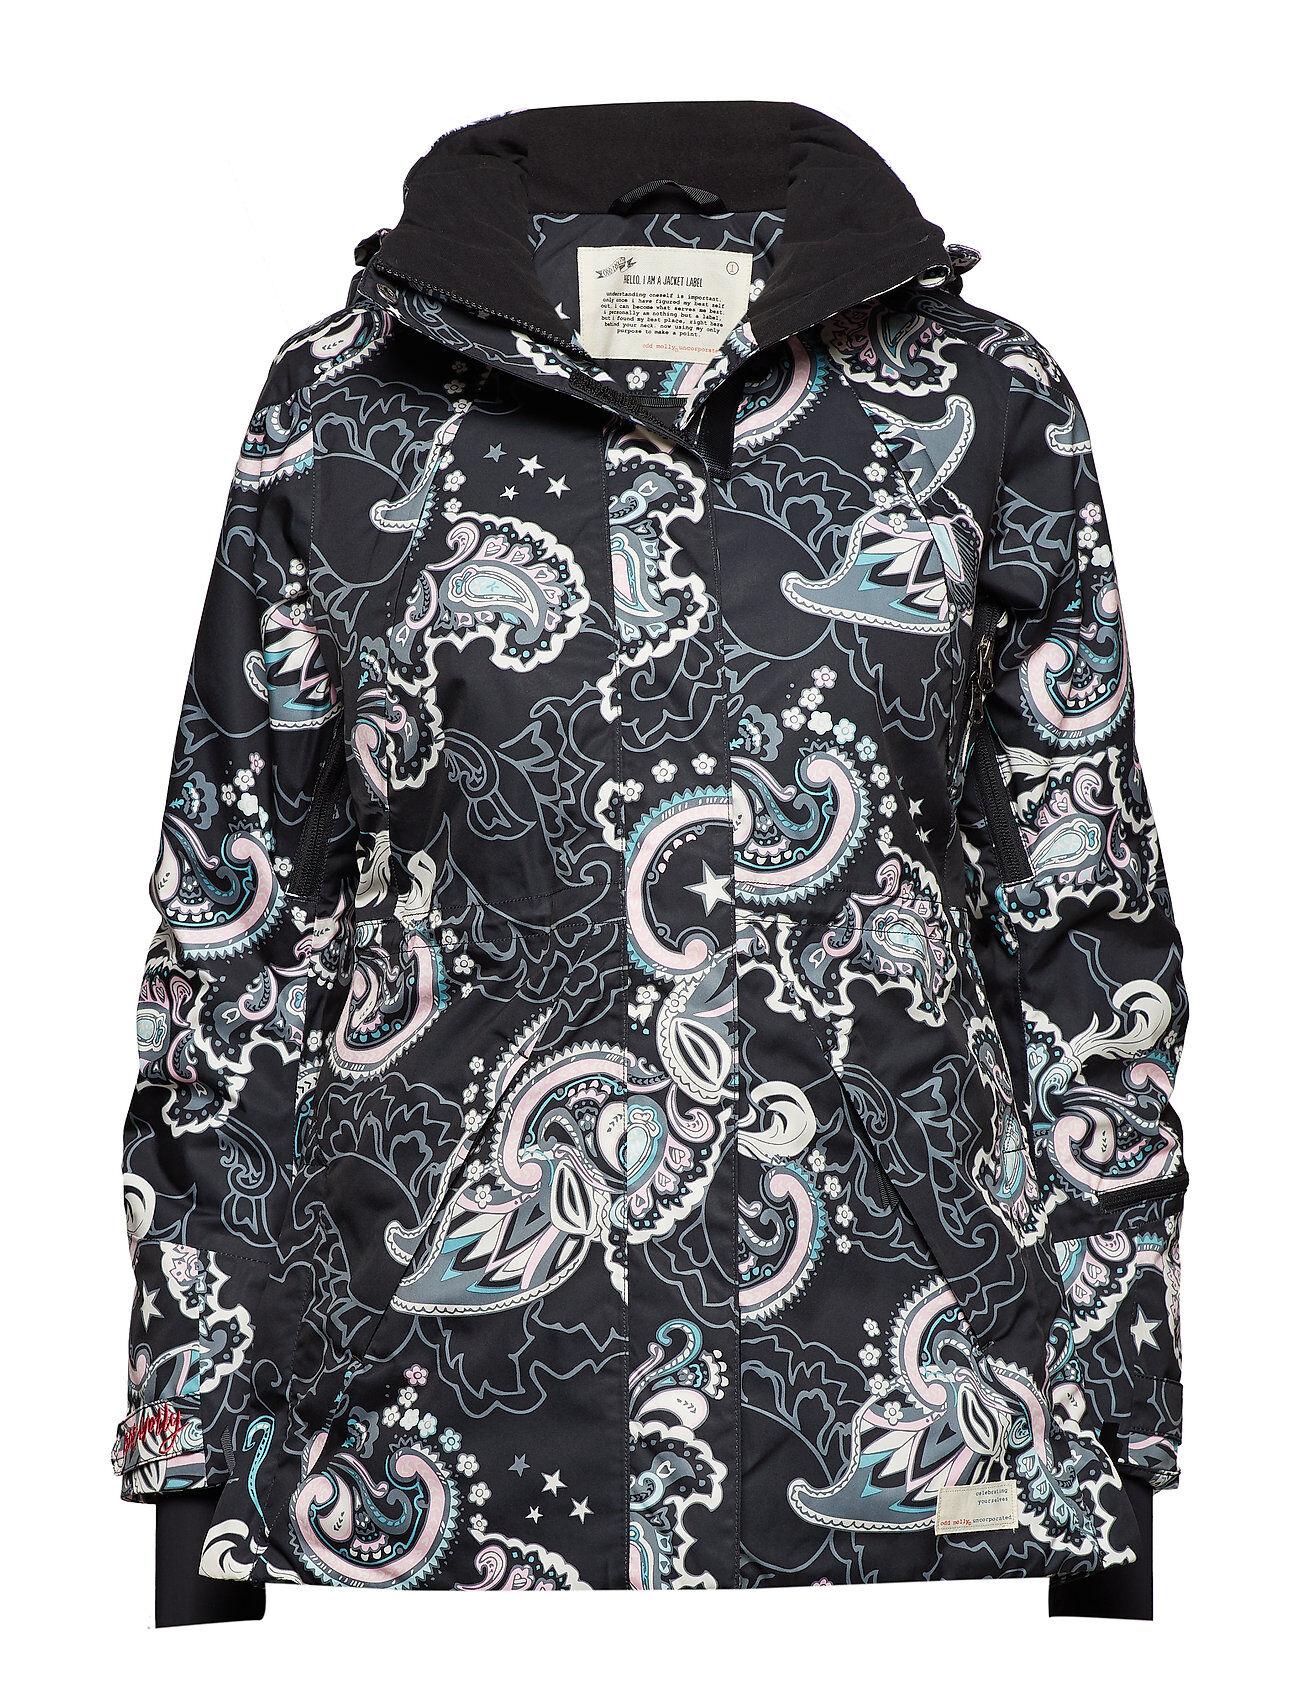 Image of ODD MOLLY ACTIVE WEAR Love-Alanche Jacket Vuorillinen Takki Topattu Takki Sininen ODD MOLLY ACTIVE WEAR